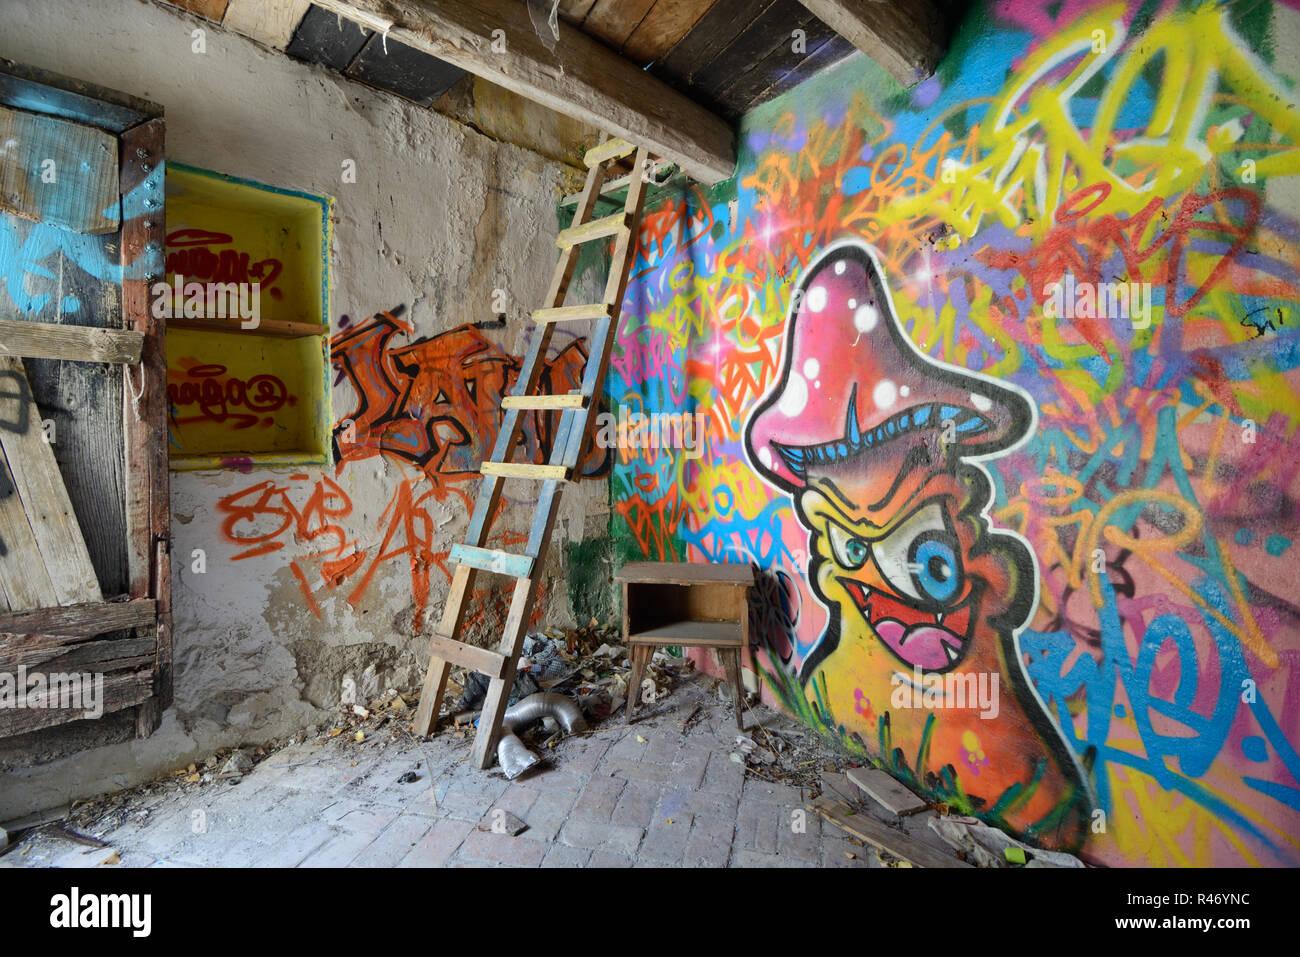 Graffiti an den Wänden, Hausgemachte wackeligen Leiter & Magic Mushroom Design in die Hocke, Interieur des verlassenen Haus Frankreich Stockbild